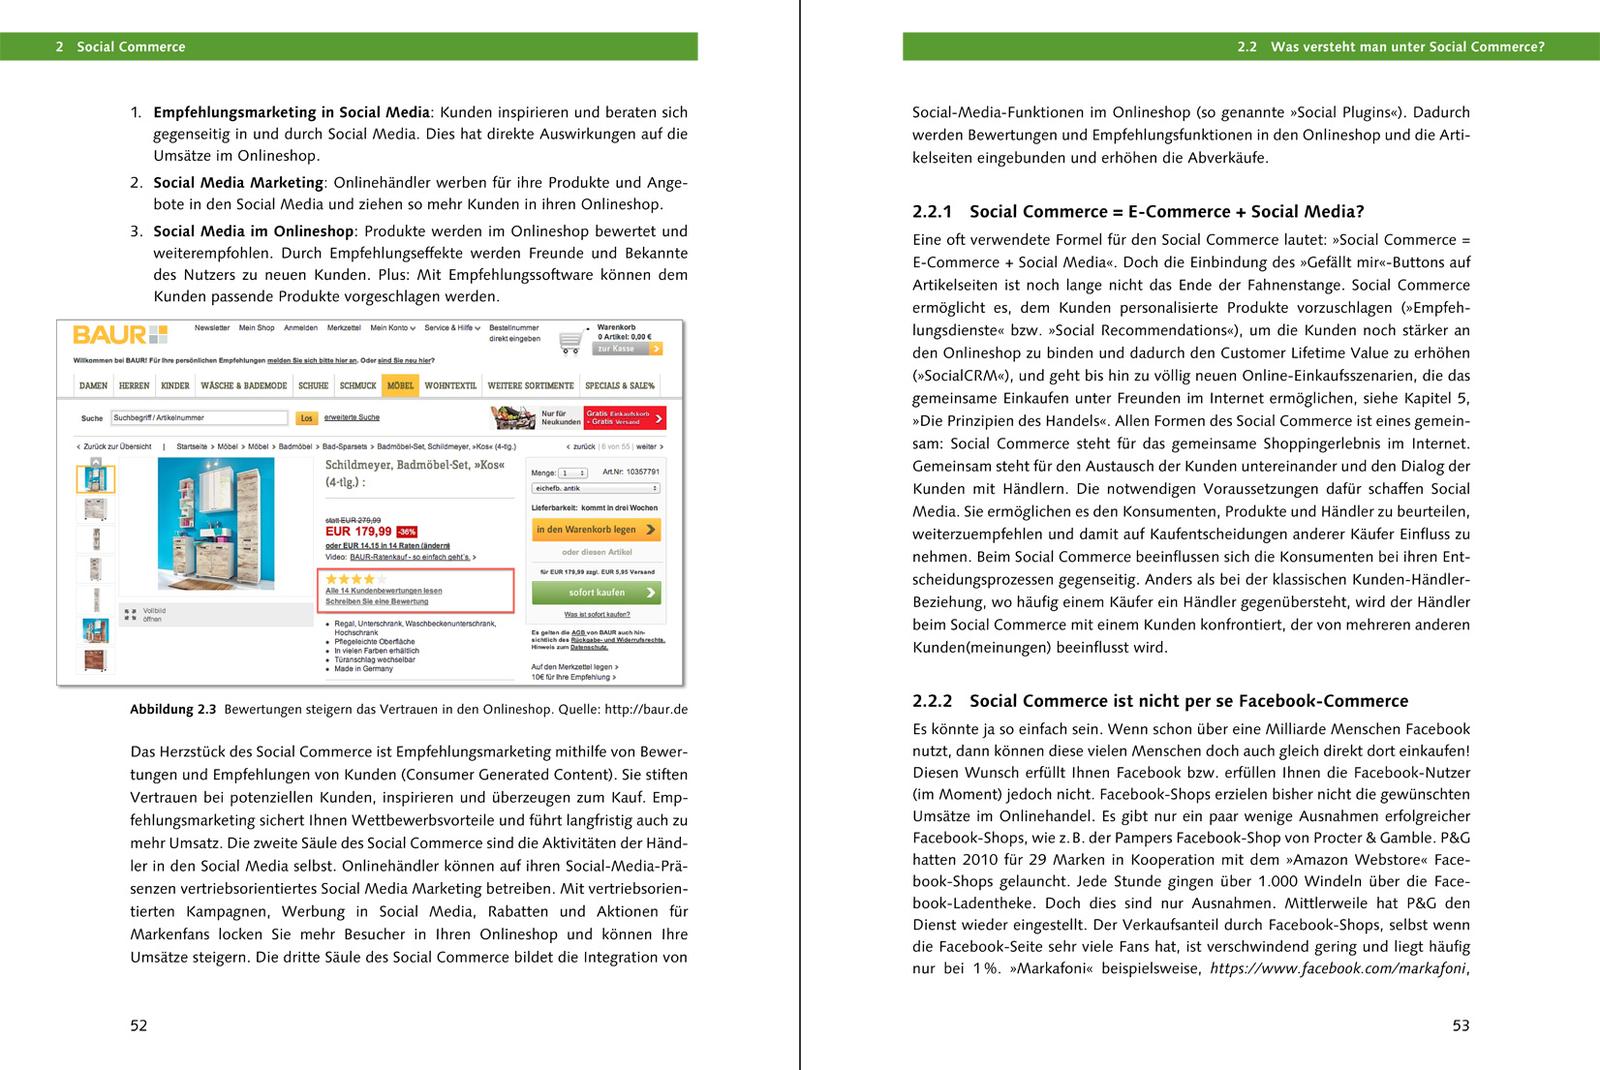 bildunterschrift optional bildunterschrift - Empfehlungsmarketing Beispiele